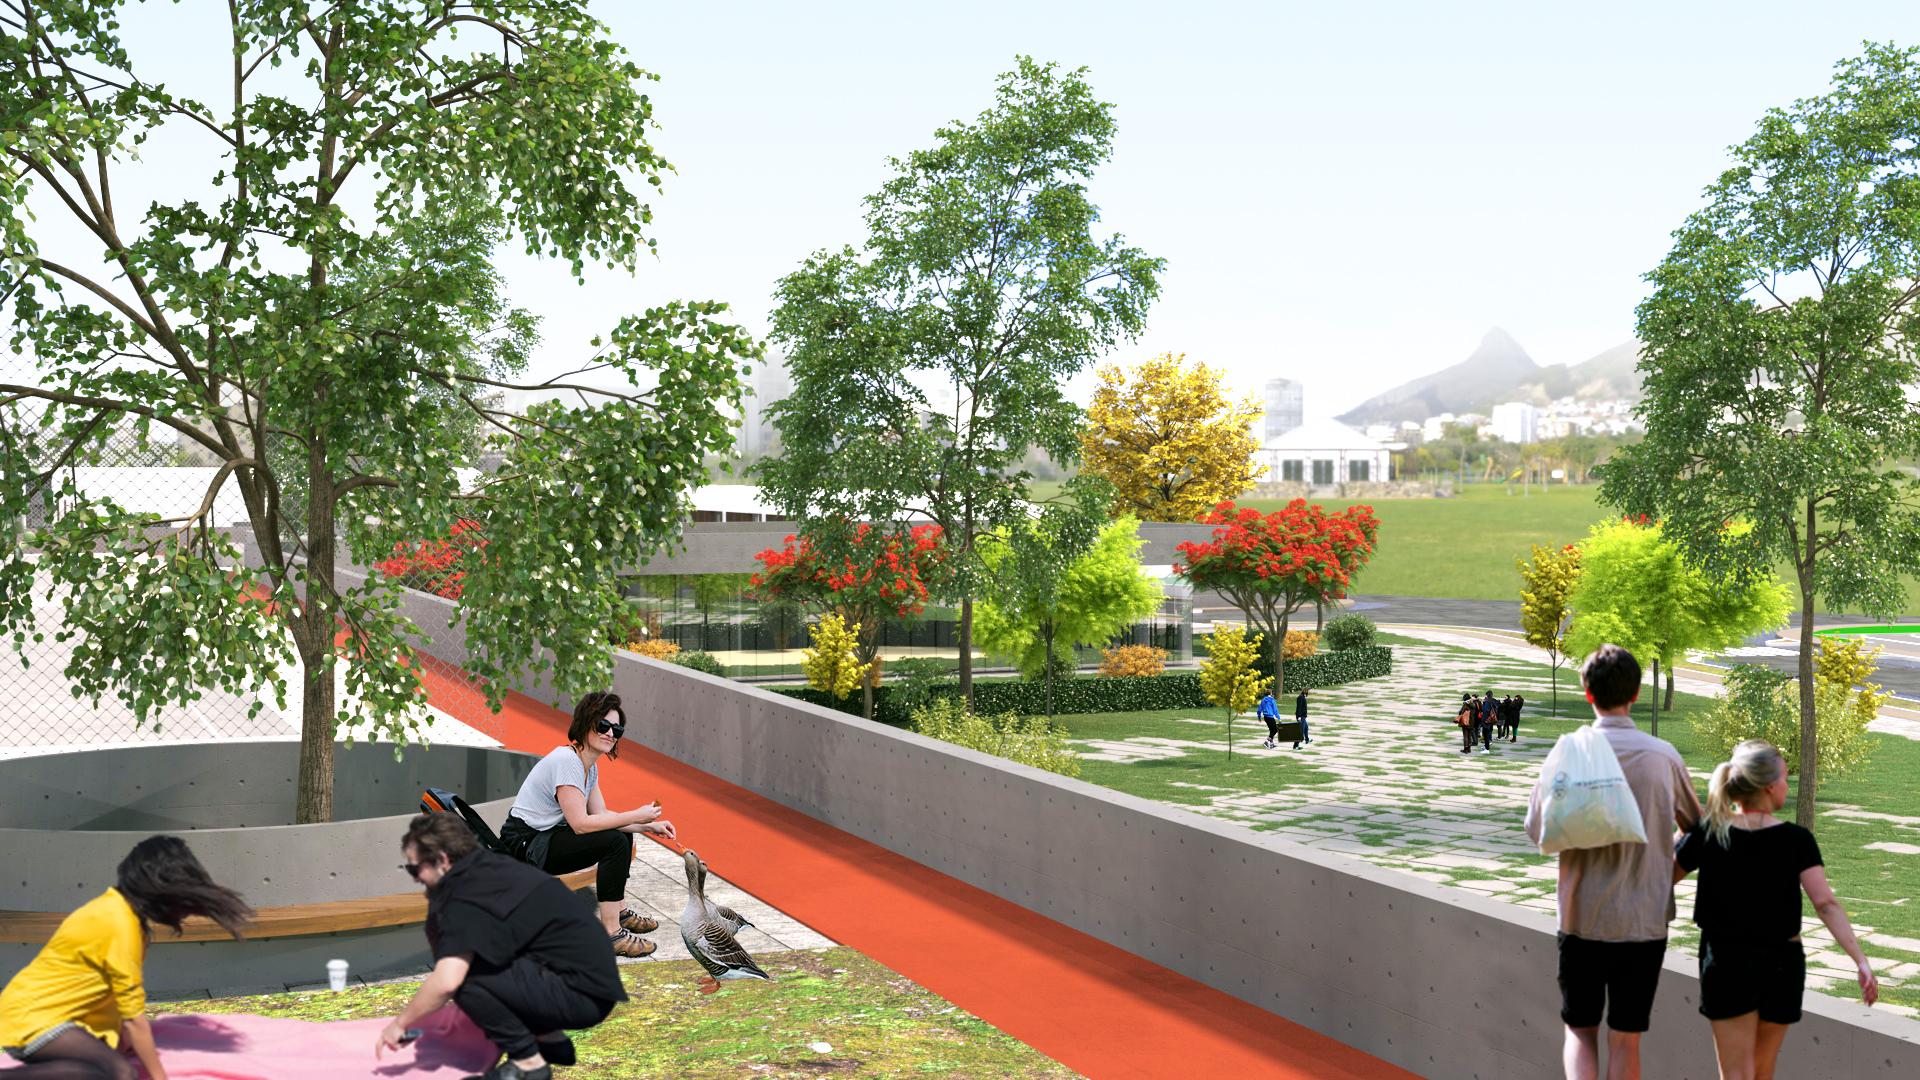 Shfrytëzimi i kulmit të hapësirave të përbashkëta për rekreacion dhe sport.